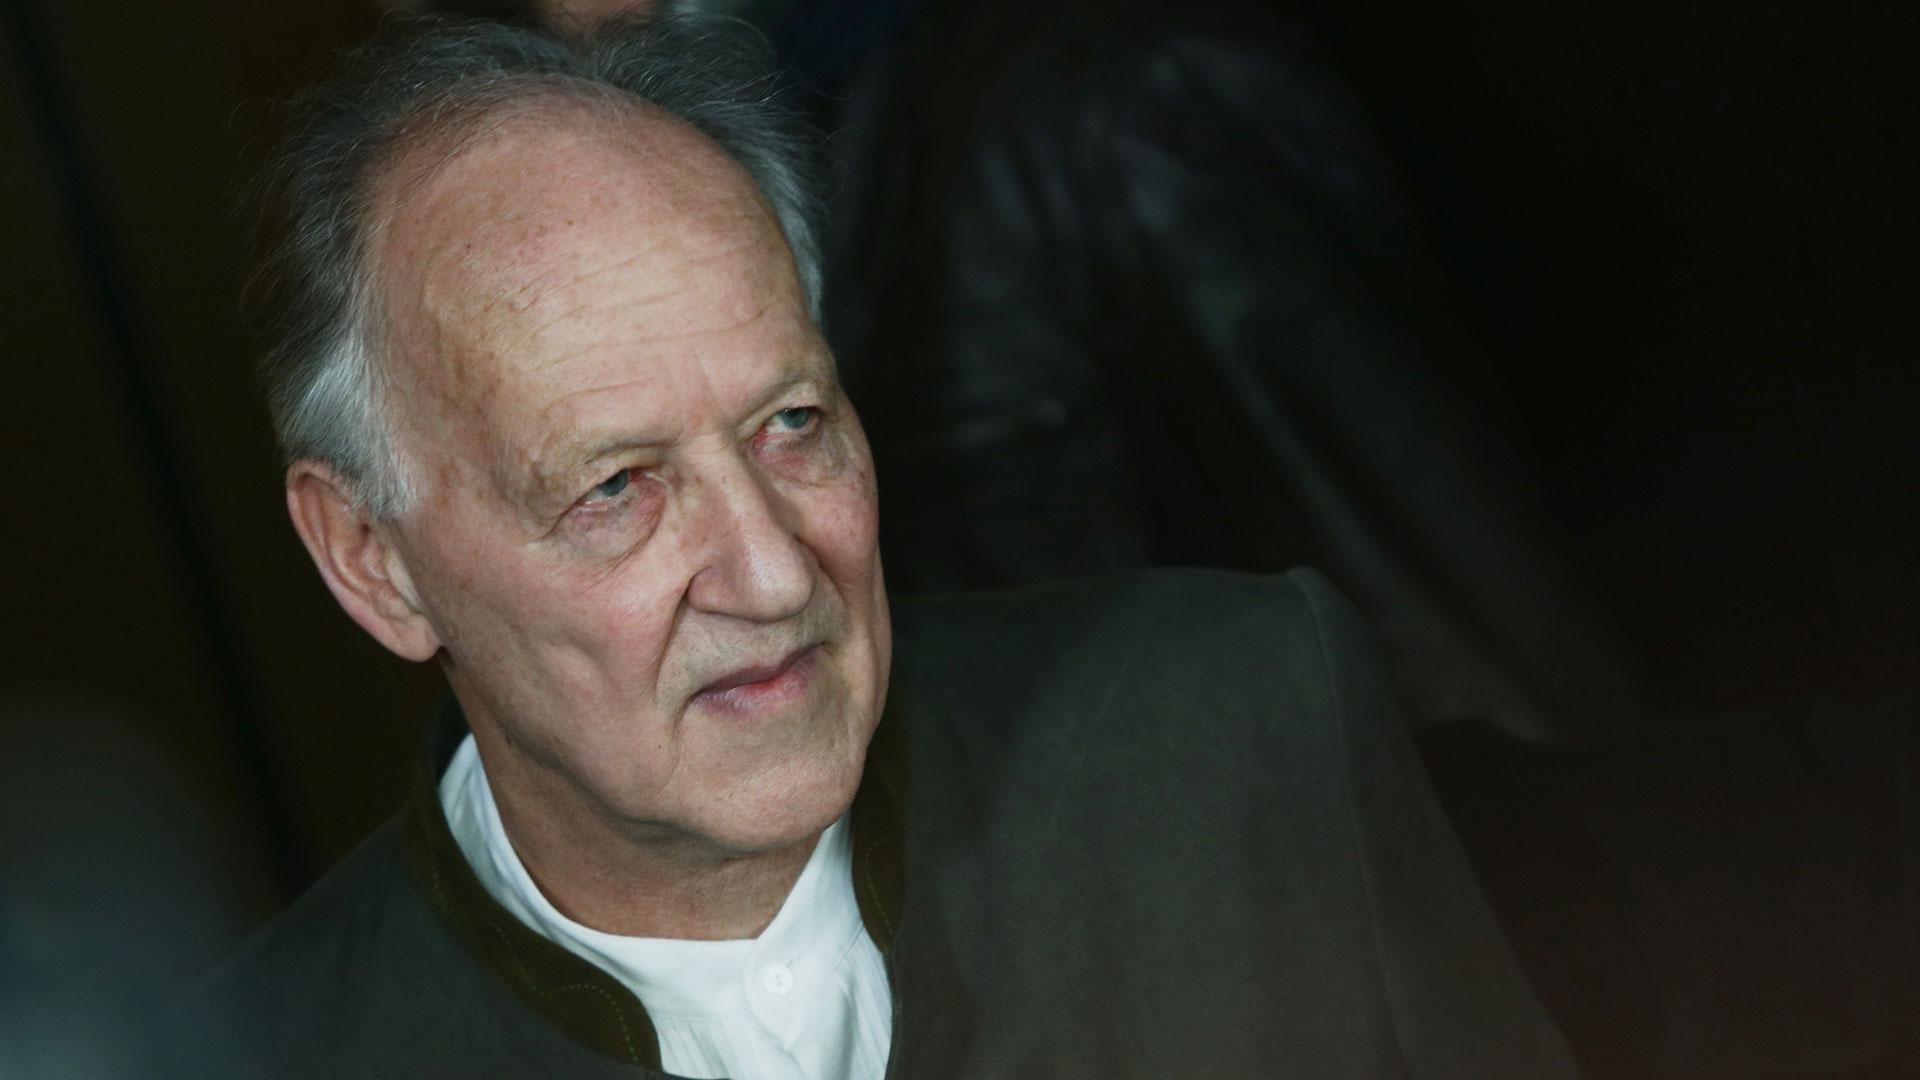 Schnappt sie garantiert nicht alle: Werner Herzog (hier bei der Berlinale 2015)